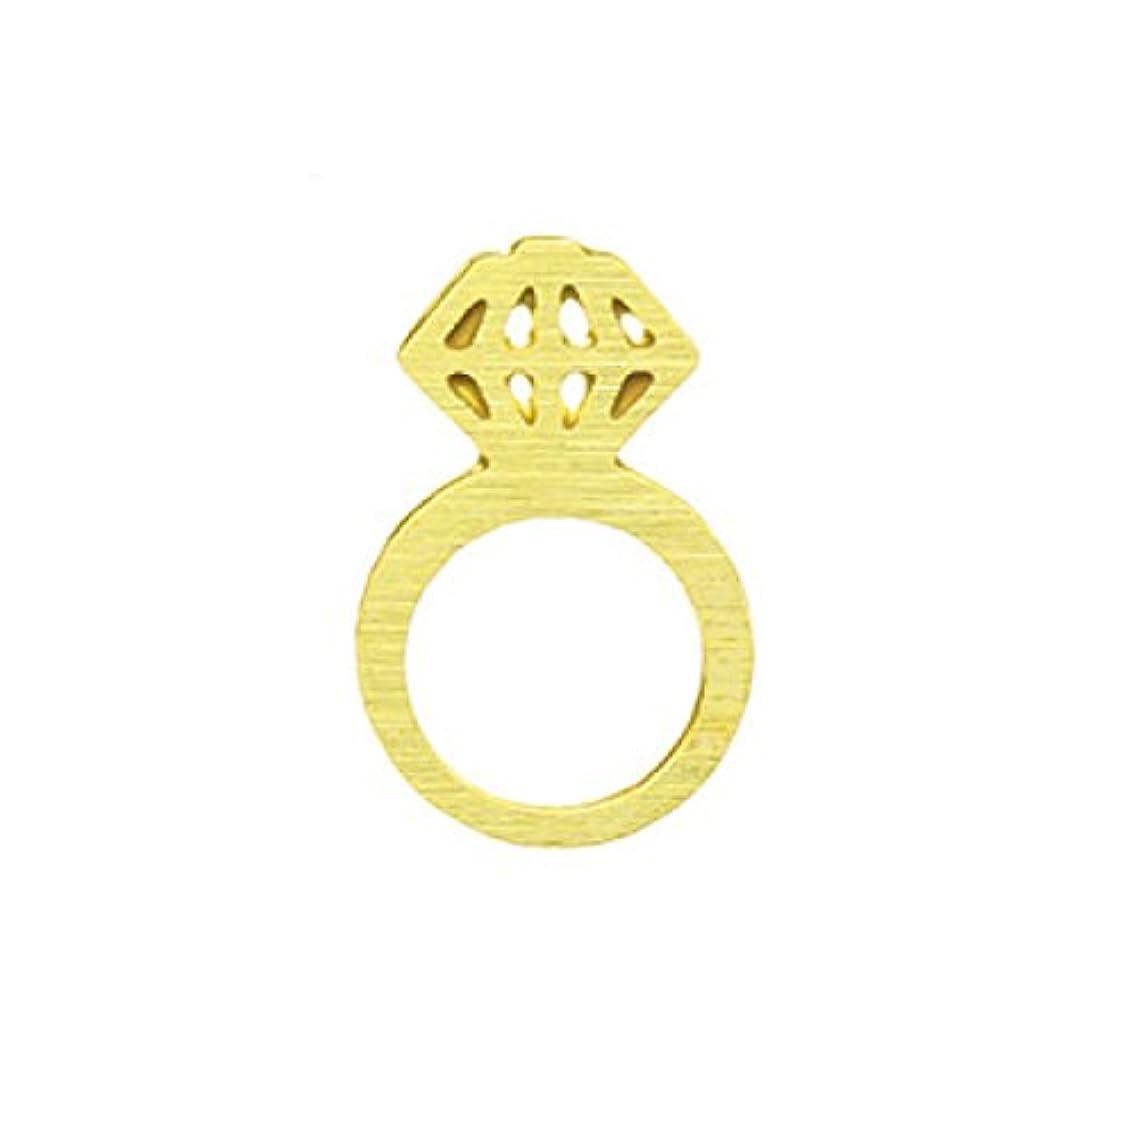 少年鋸歯状モールス信号メタルプレート(ネイルストーン デコ) リング ゴールド (30個入り)(ネイル用品)